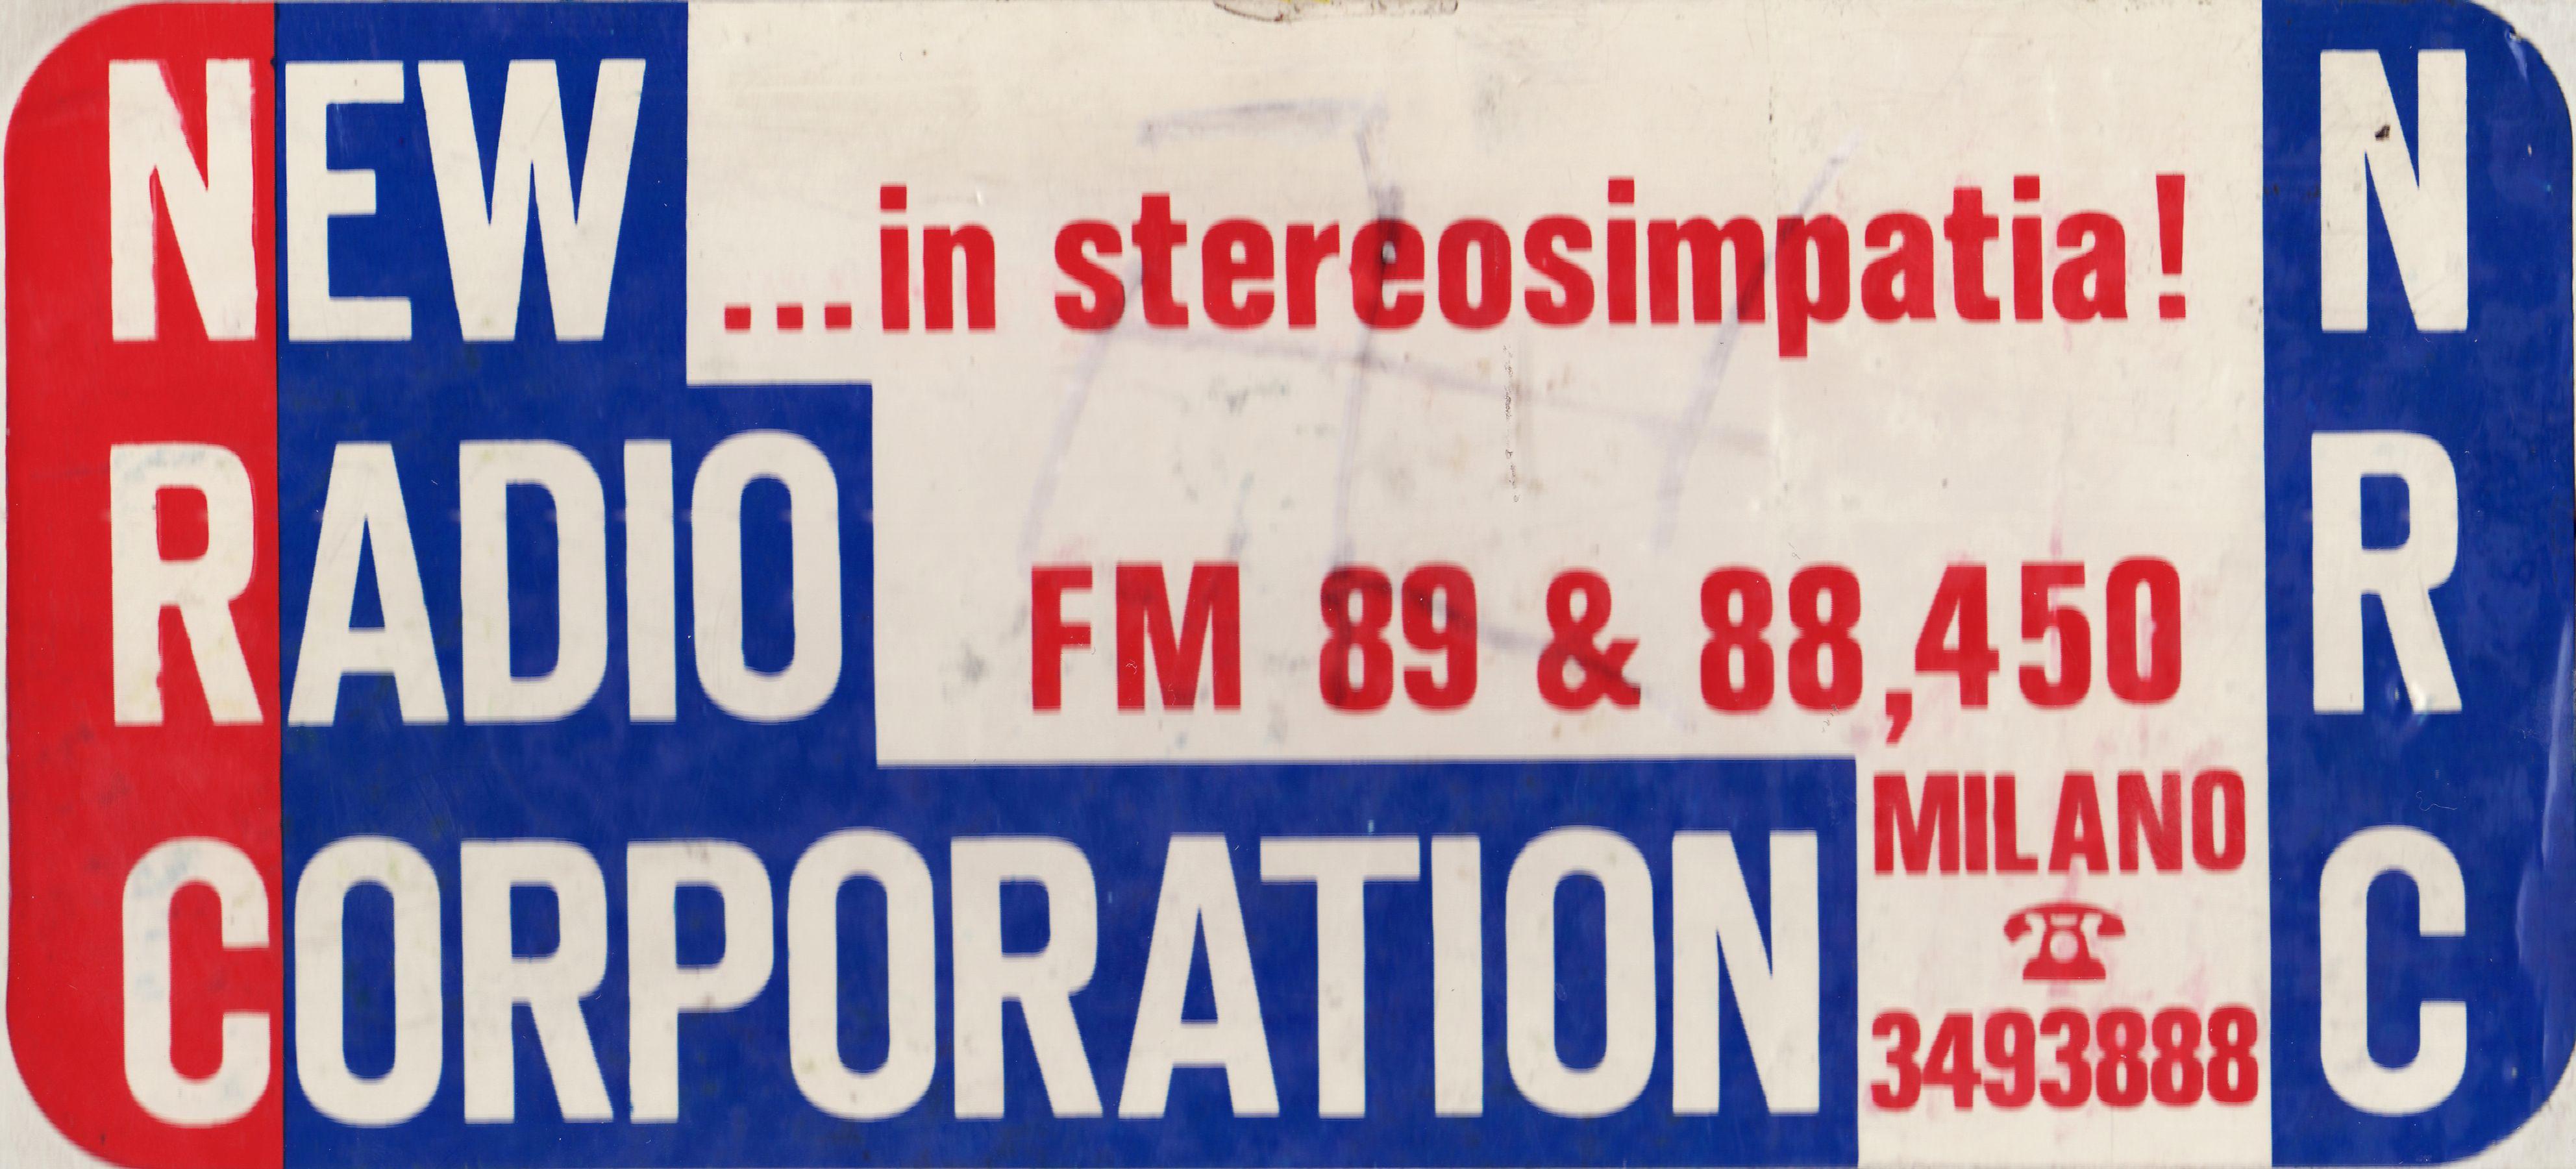 new radio corporation - Radio. Quando imperversava la moda degli adesivi ed avere quello dell'emittente preferita sul lunotto dell'auto era un must